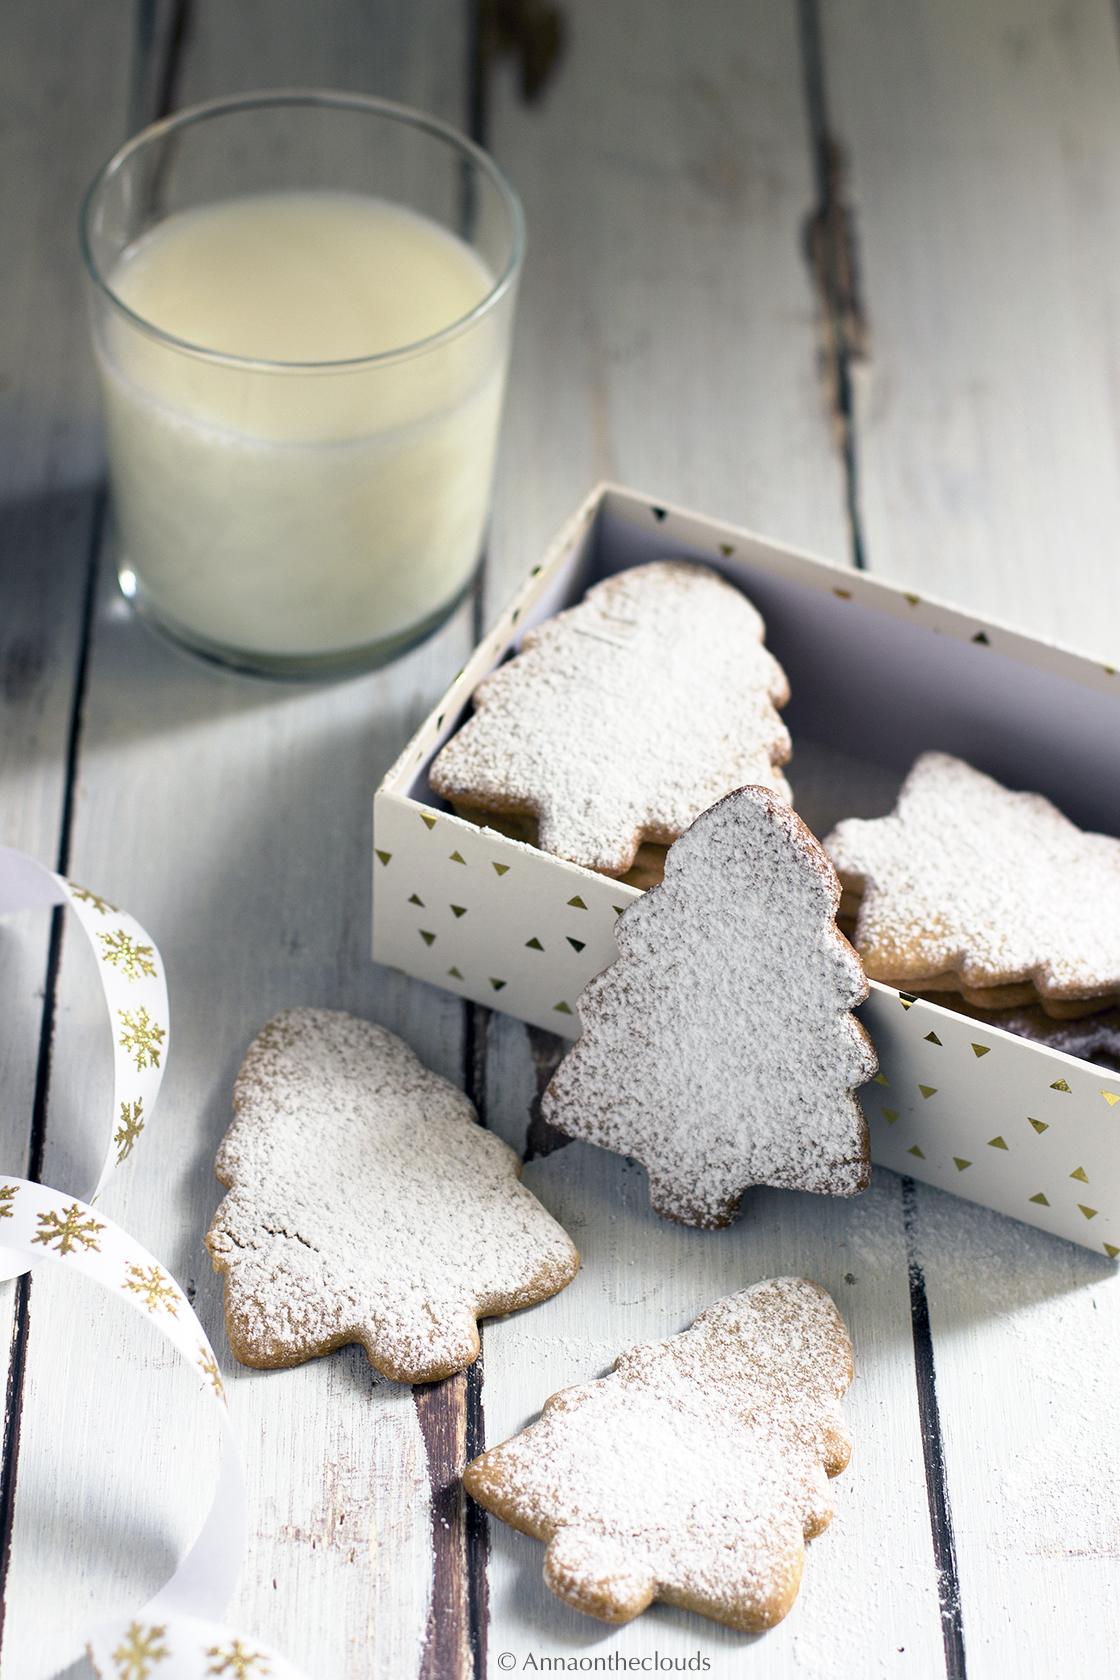 Ricetta Speculoos: come fare i biscotti speziati